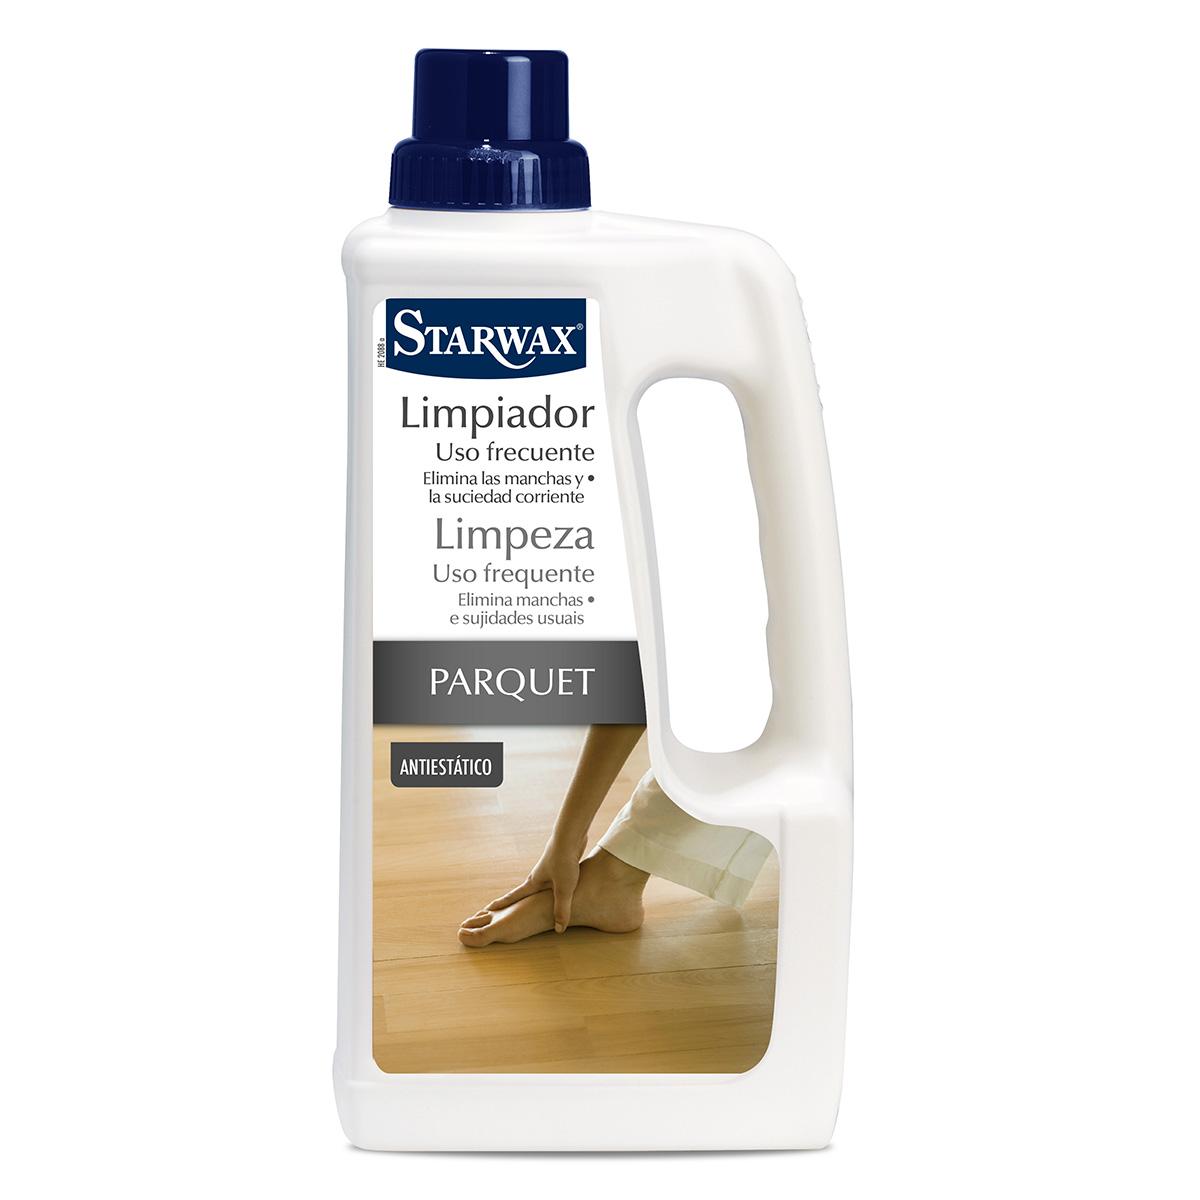 Limpiador uso frecuente parquet - Starwax